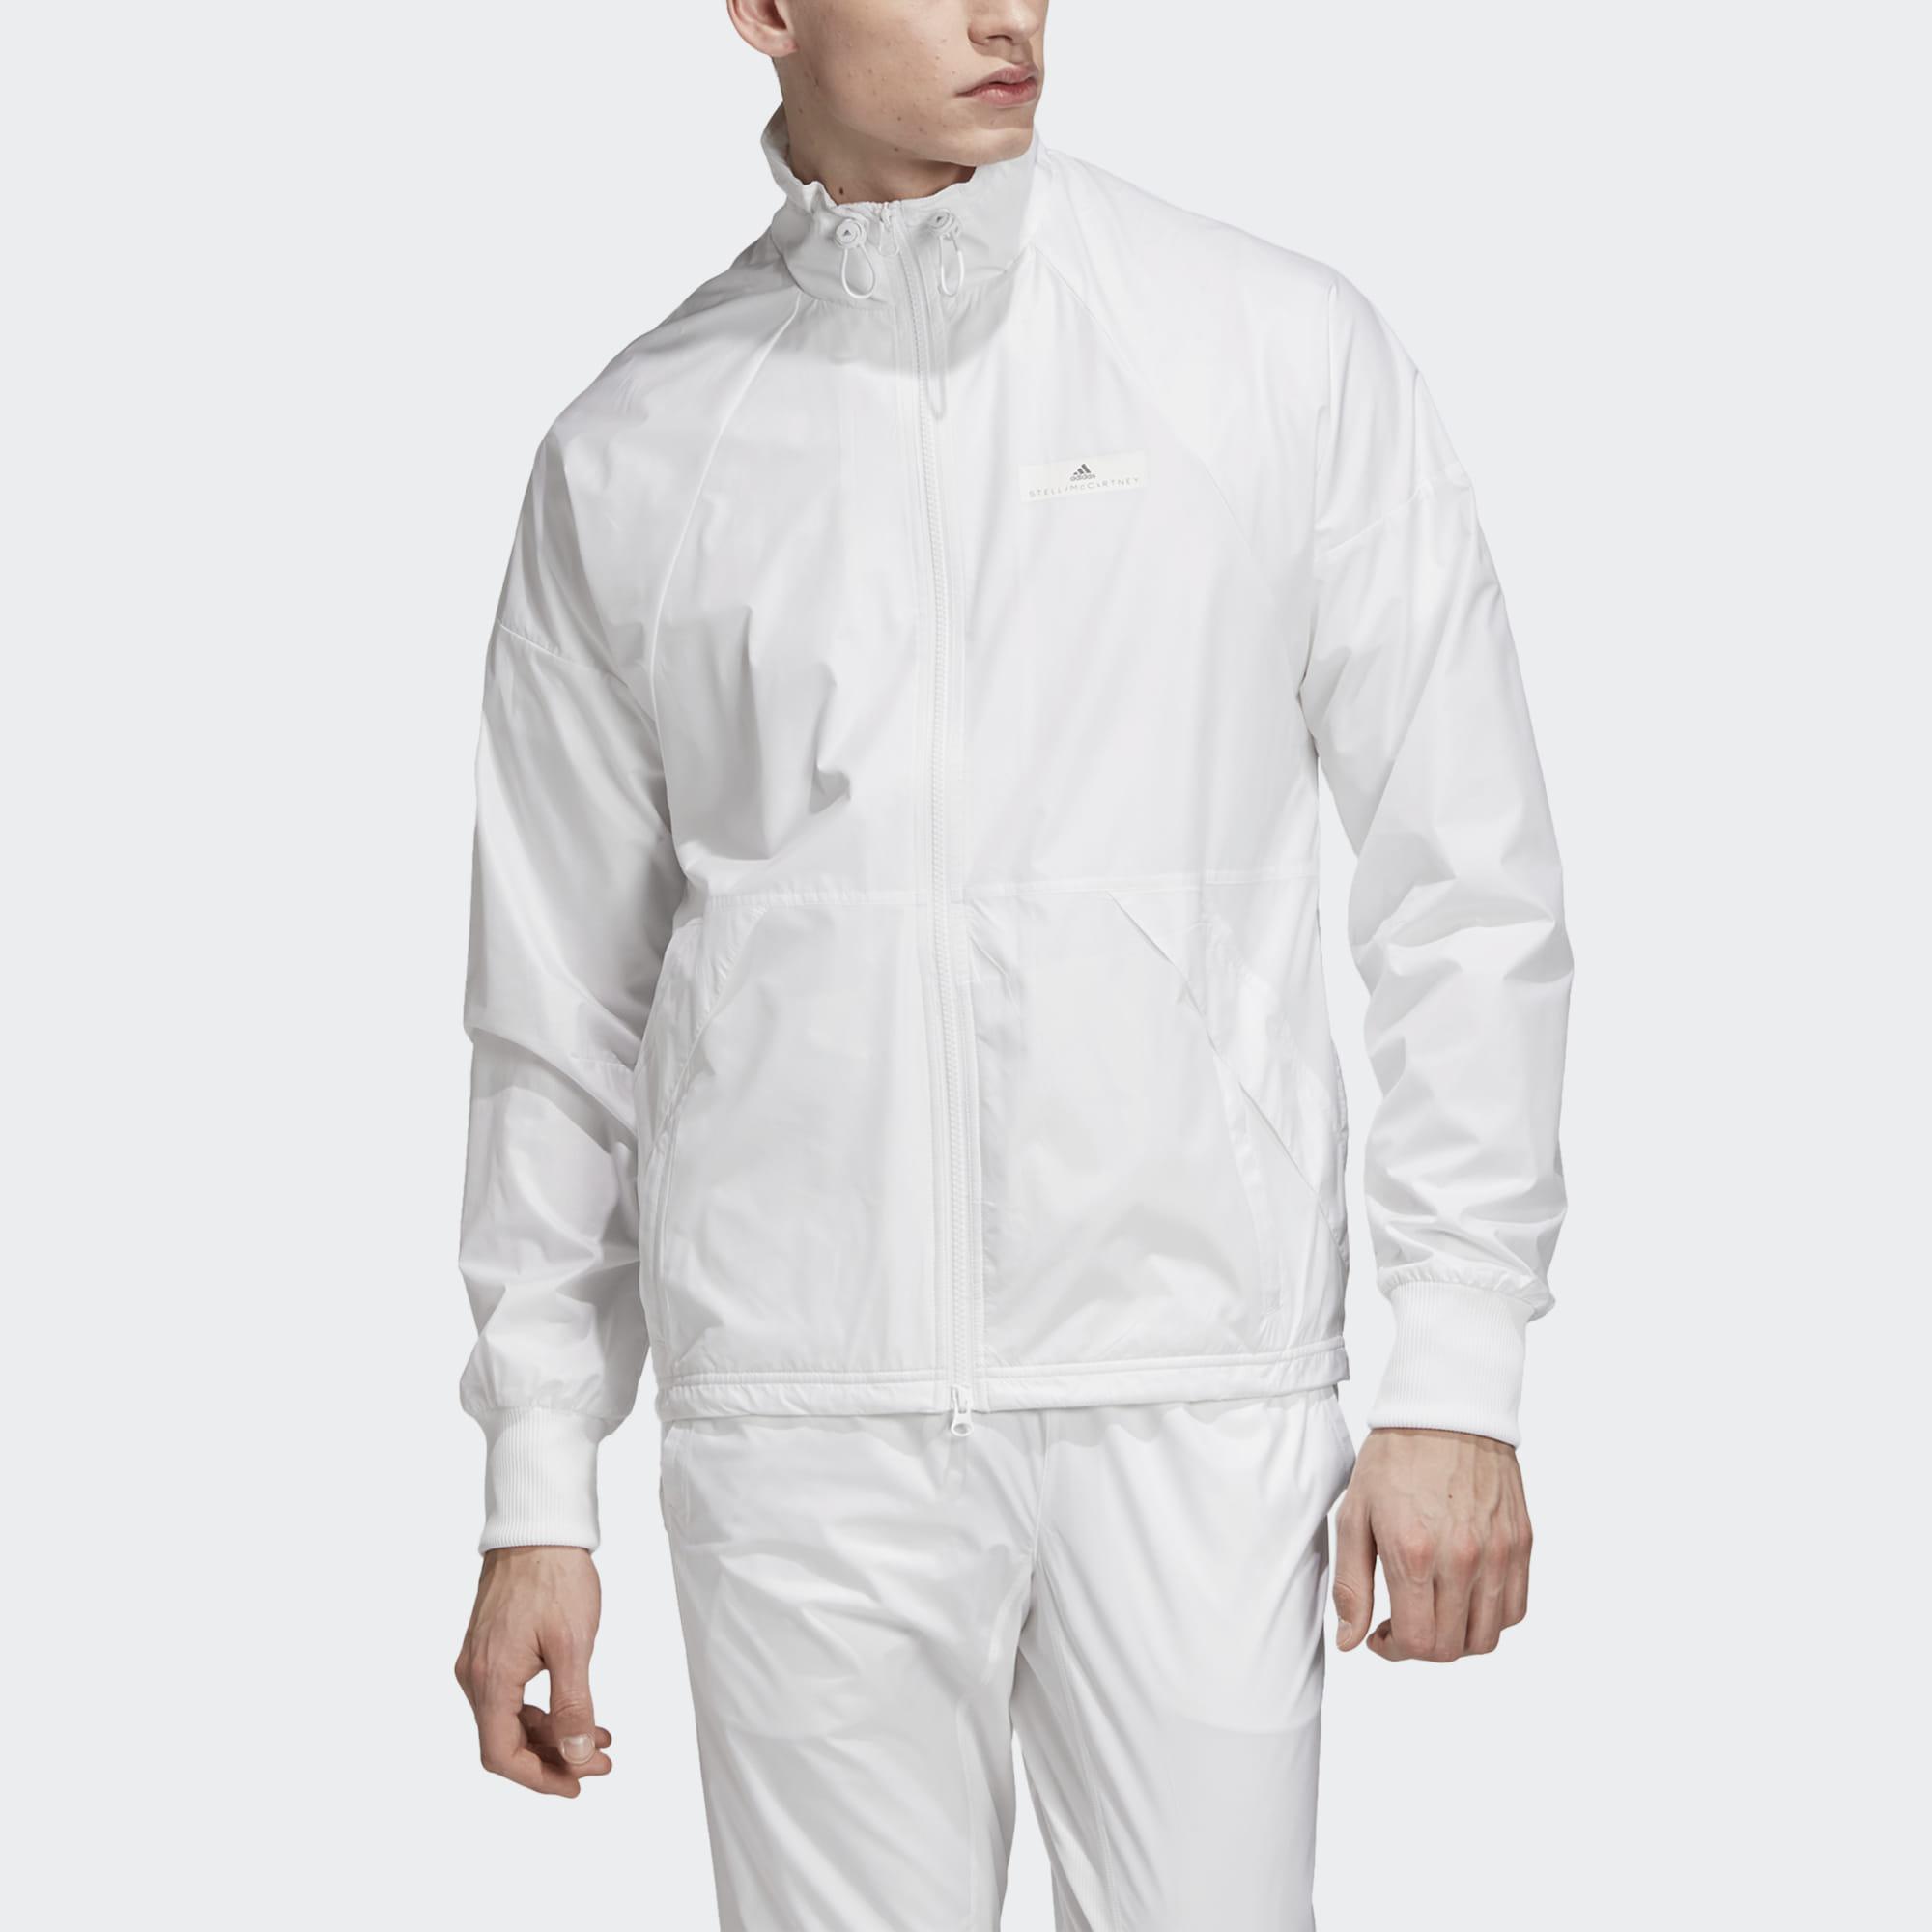 Adidas By Stella Mccartney Court Parley Jacket bis zu 70